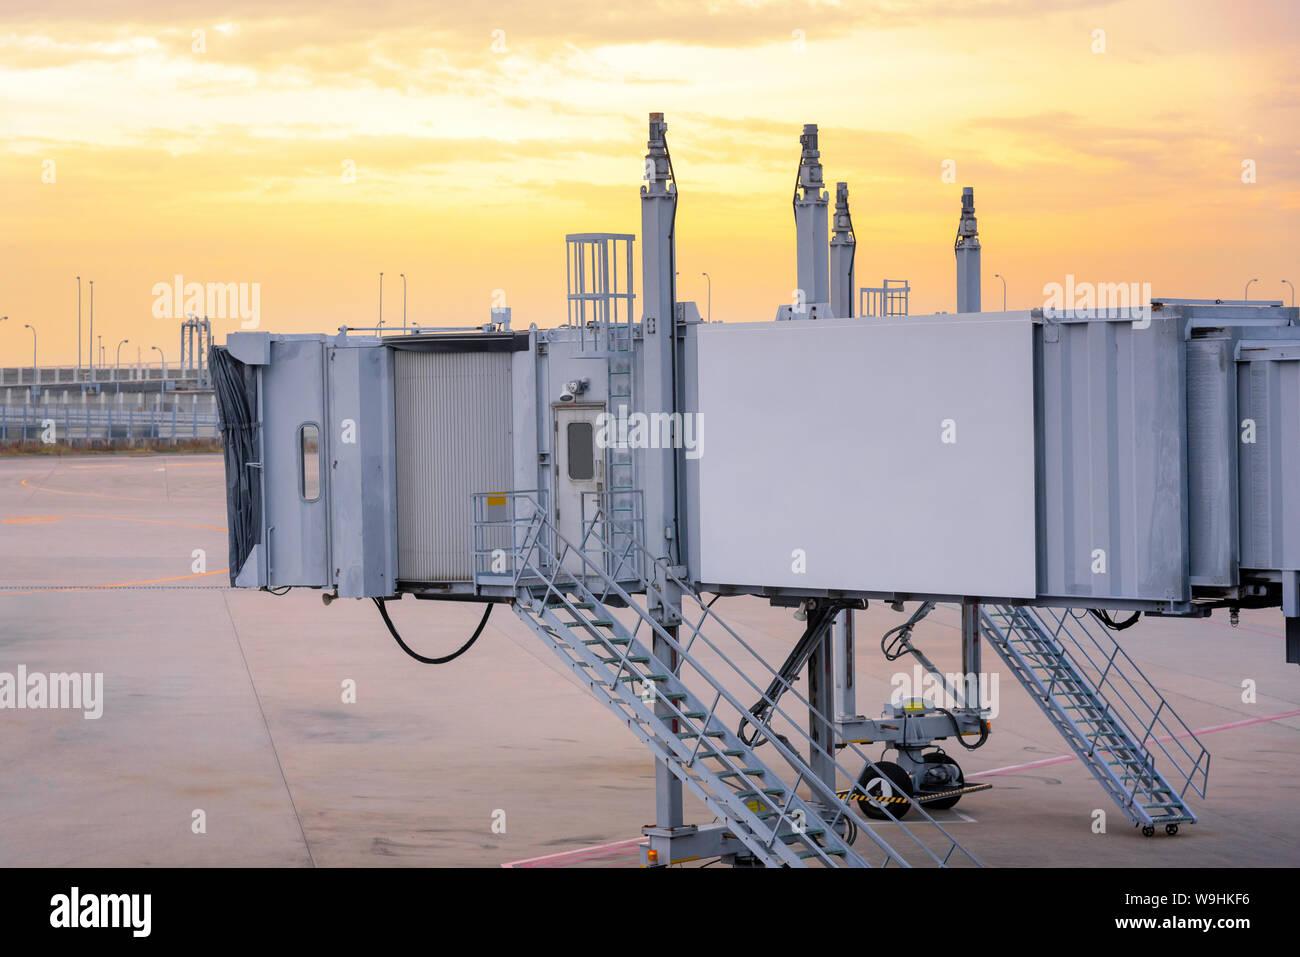 Puente de embarque de pasajeros esperando un avión para llegar a la terminal del aeropuerto internacional de la compuerta. Foto de stock